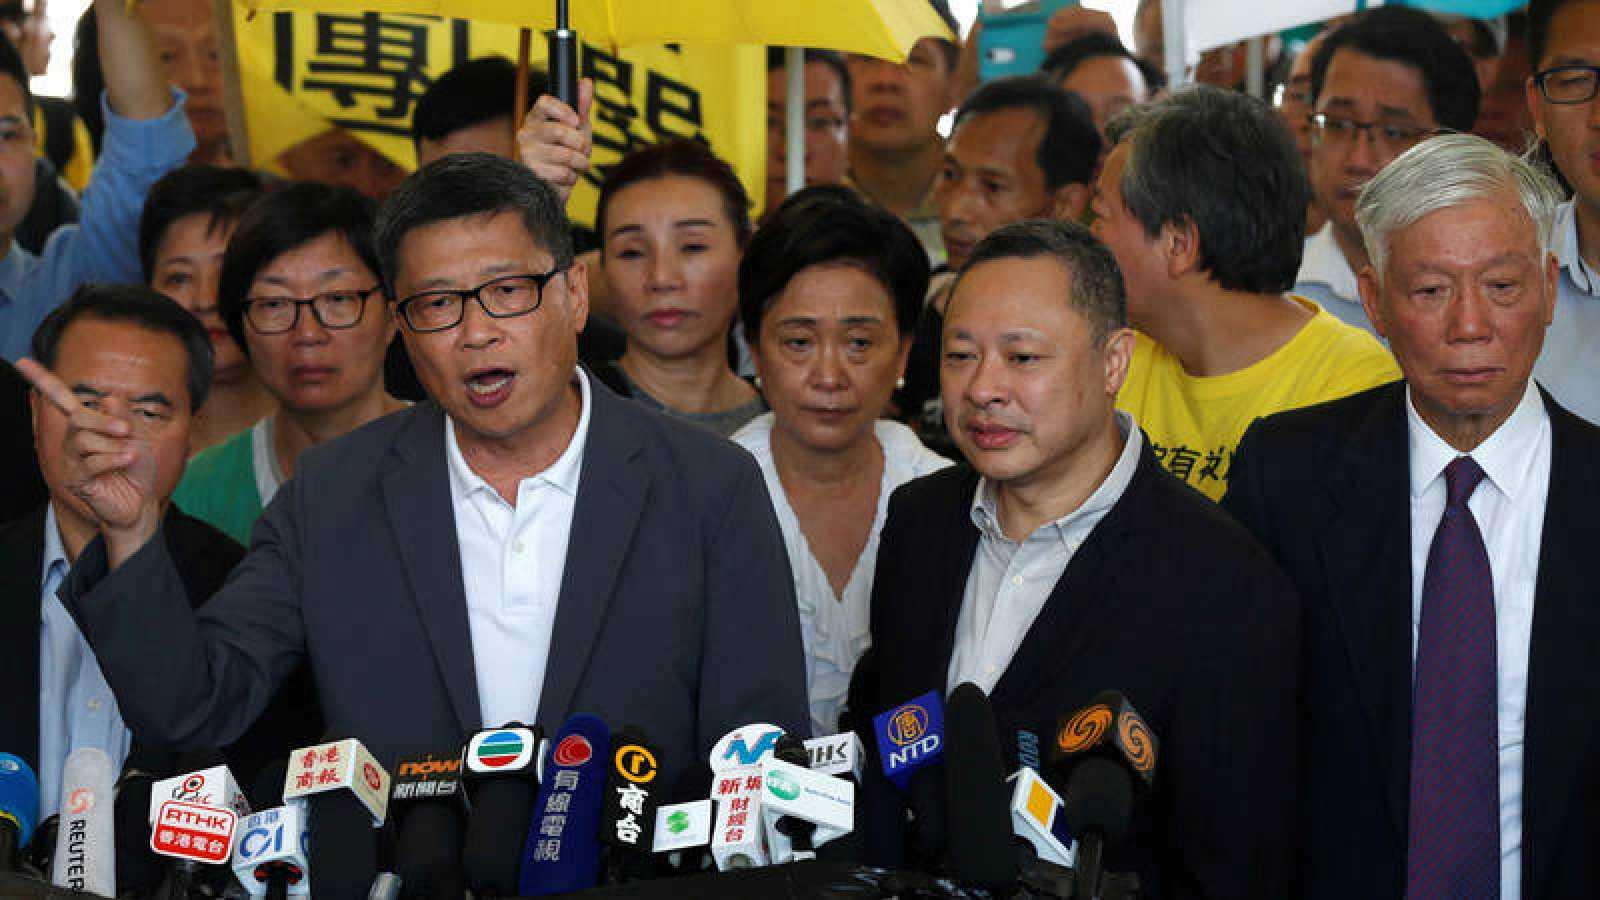 Los fundadores del movimiento por la democracia de Hong Kong, Chan Kin-man, Benny Tai y Chu Yiu-ming, llegan al tribunal. REUTERS/Tyrone Siu